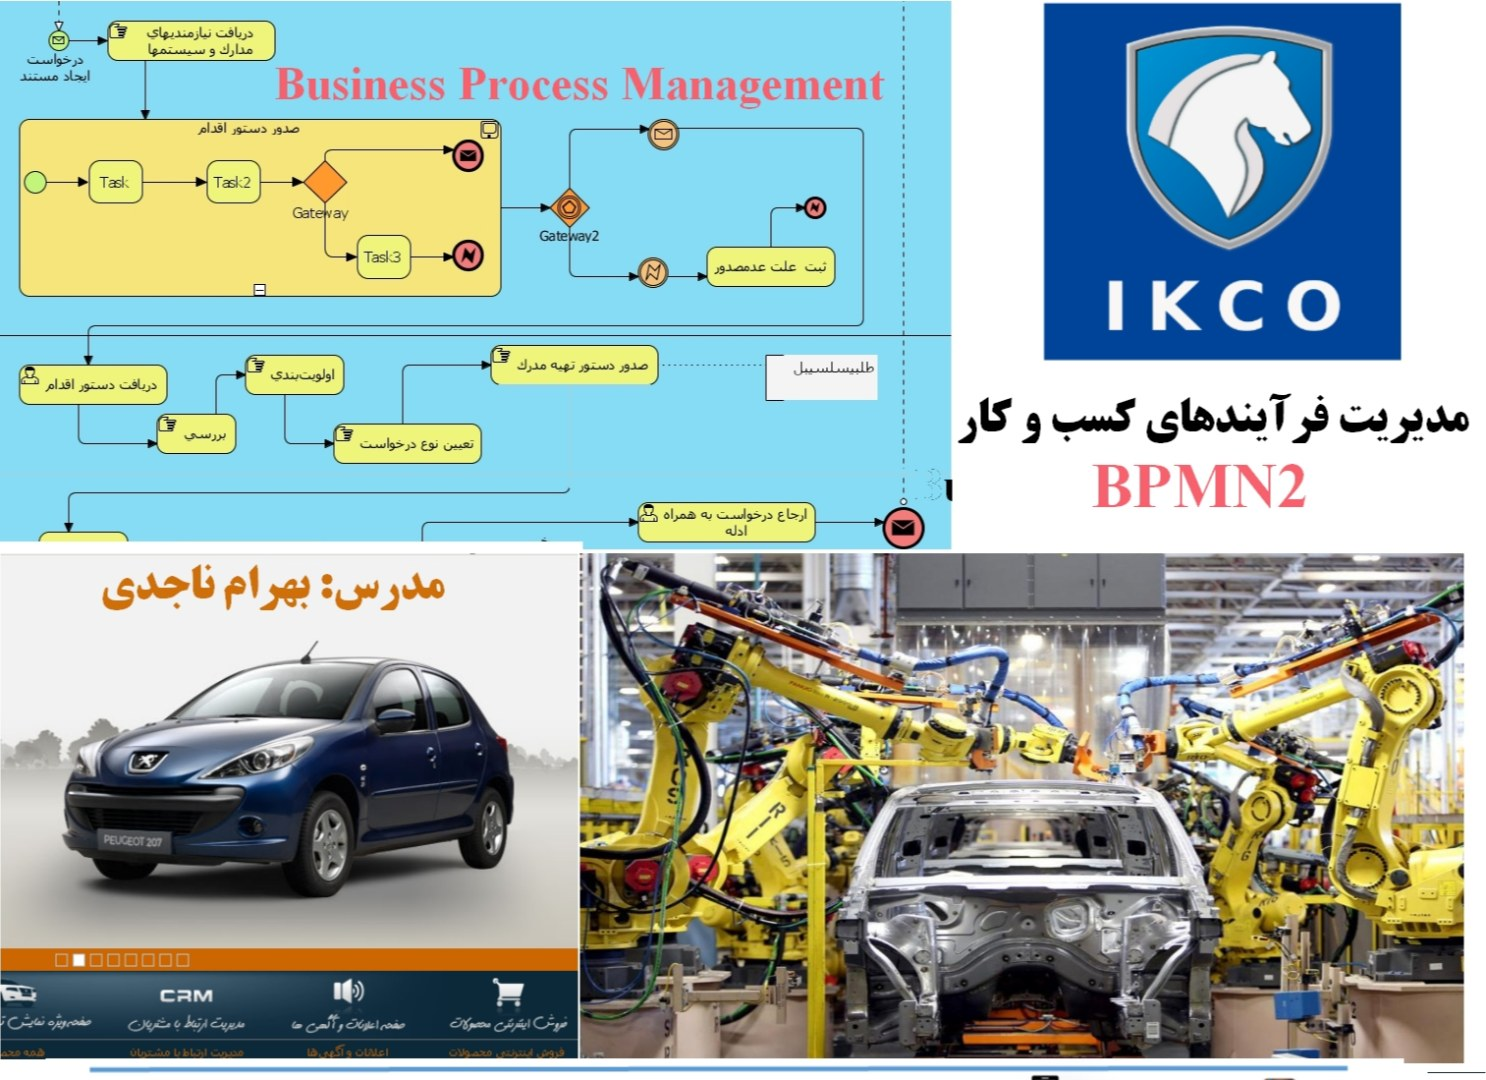 شرکت ایرانخودرو،گروه اول-BPMN2